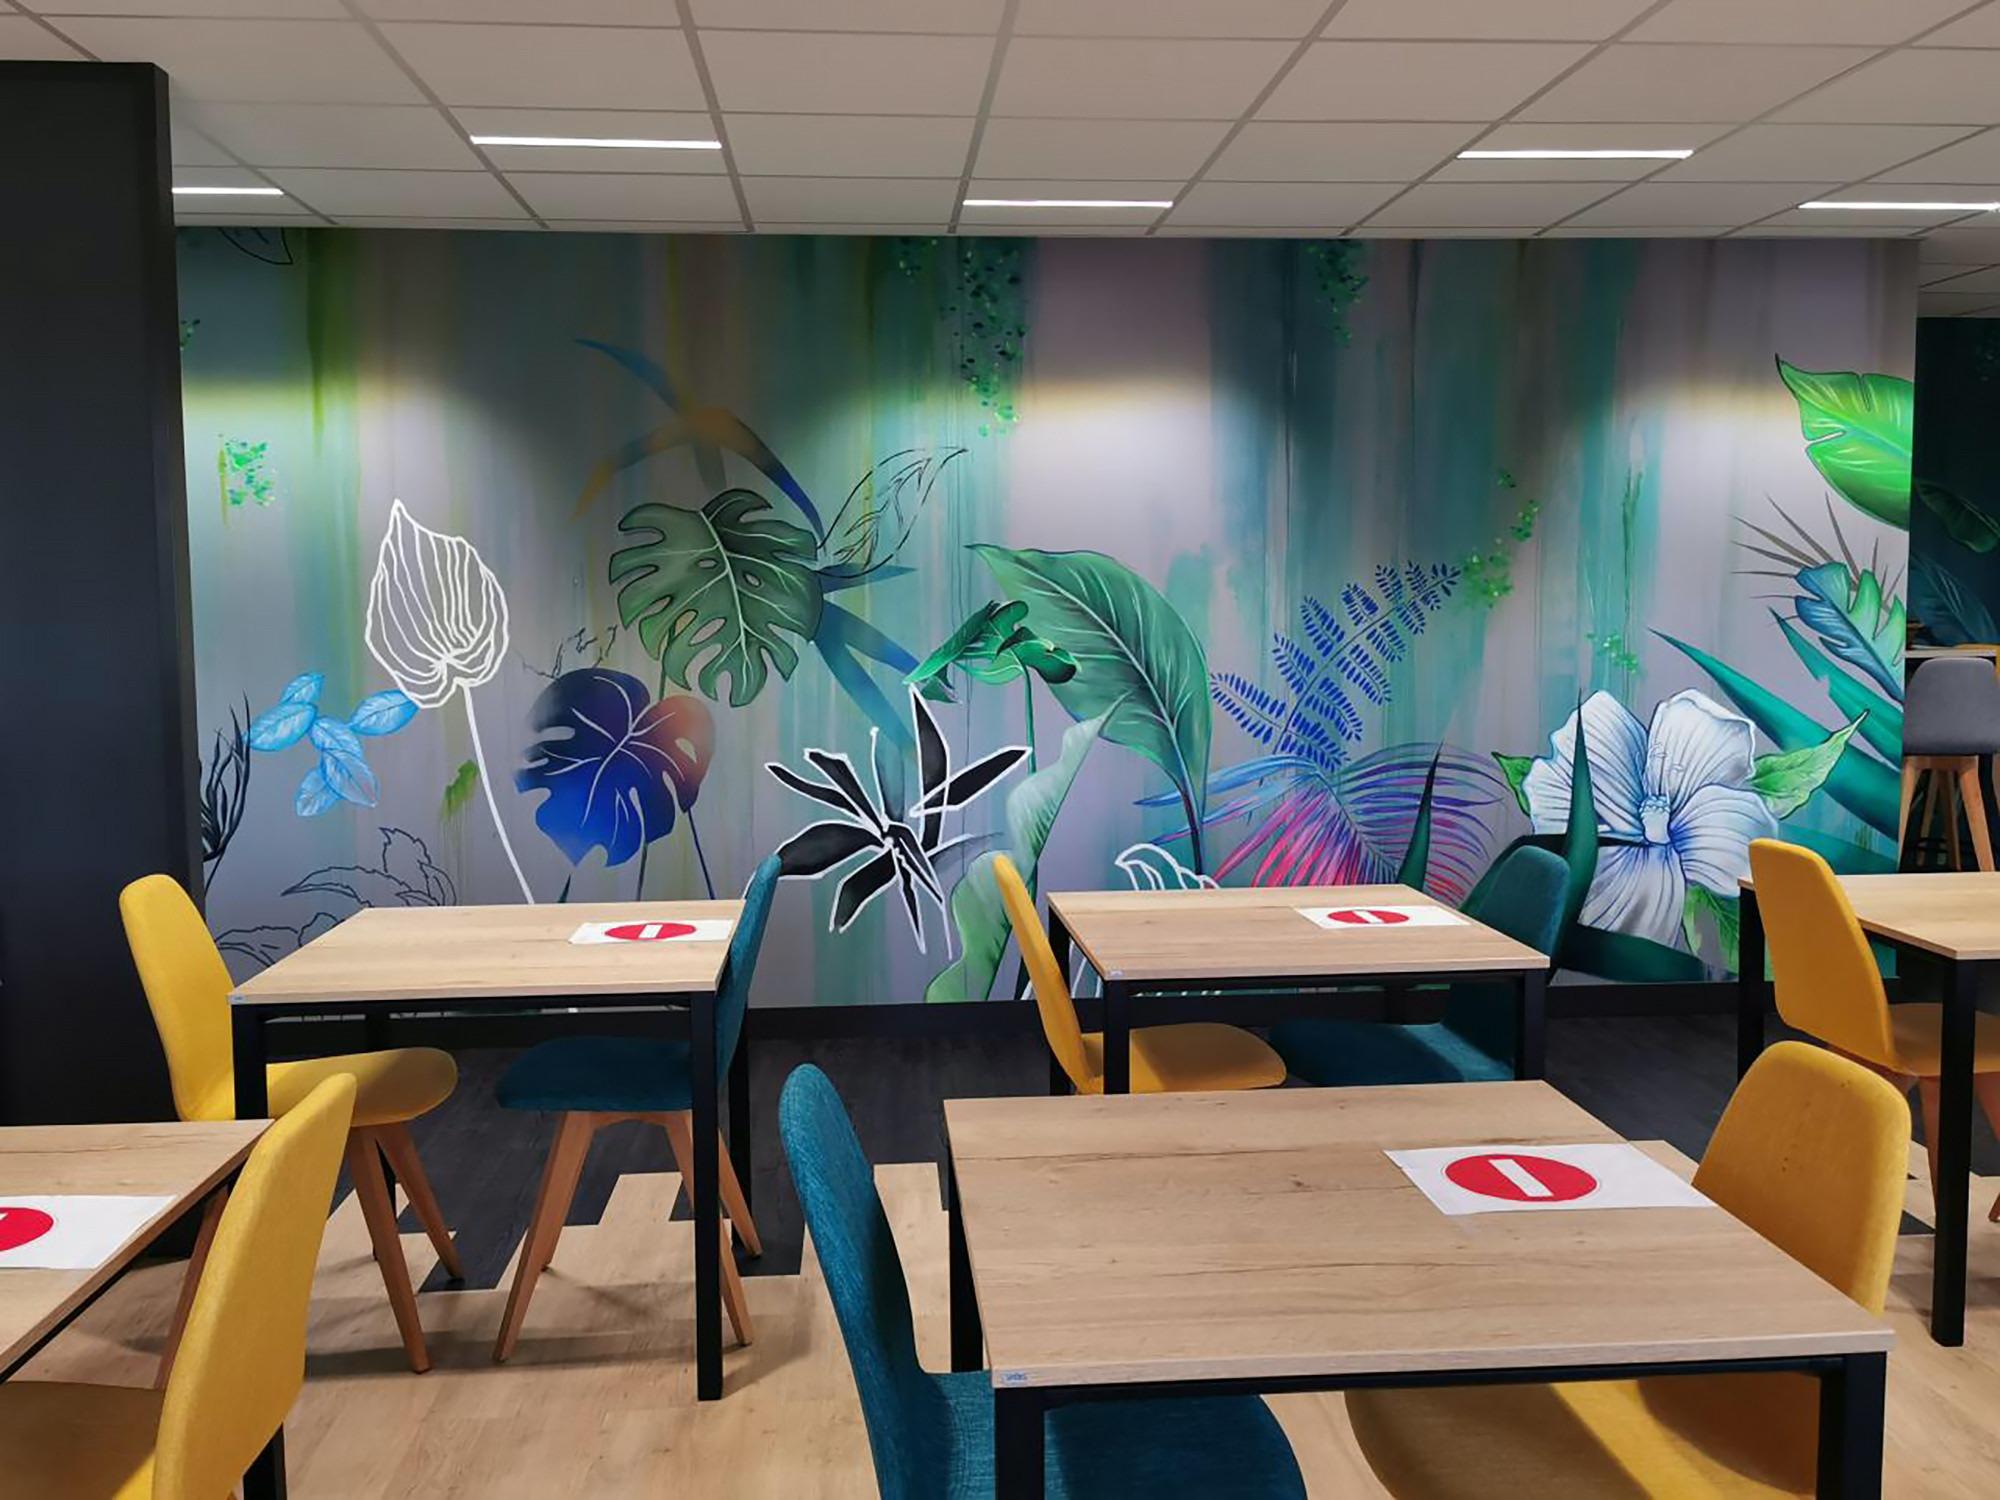 fresque decoration vegetal peinture murale artiste graffeur toulouse halltimes julien avignon